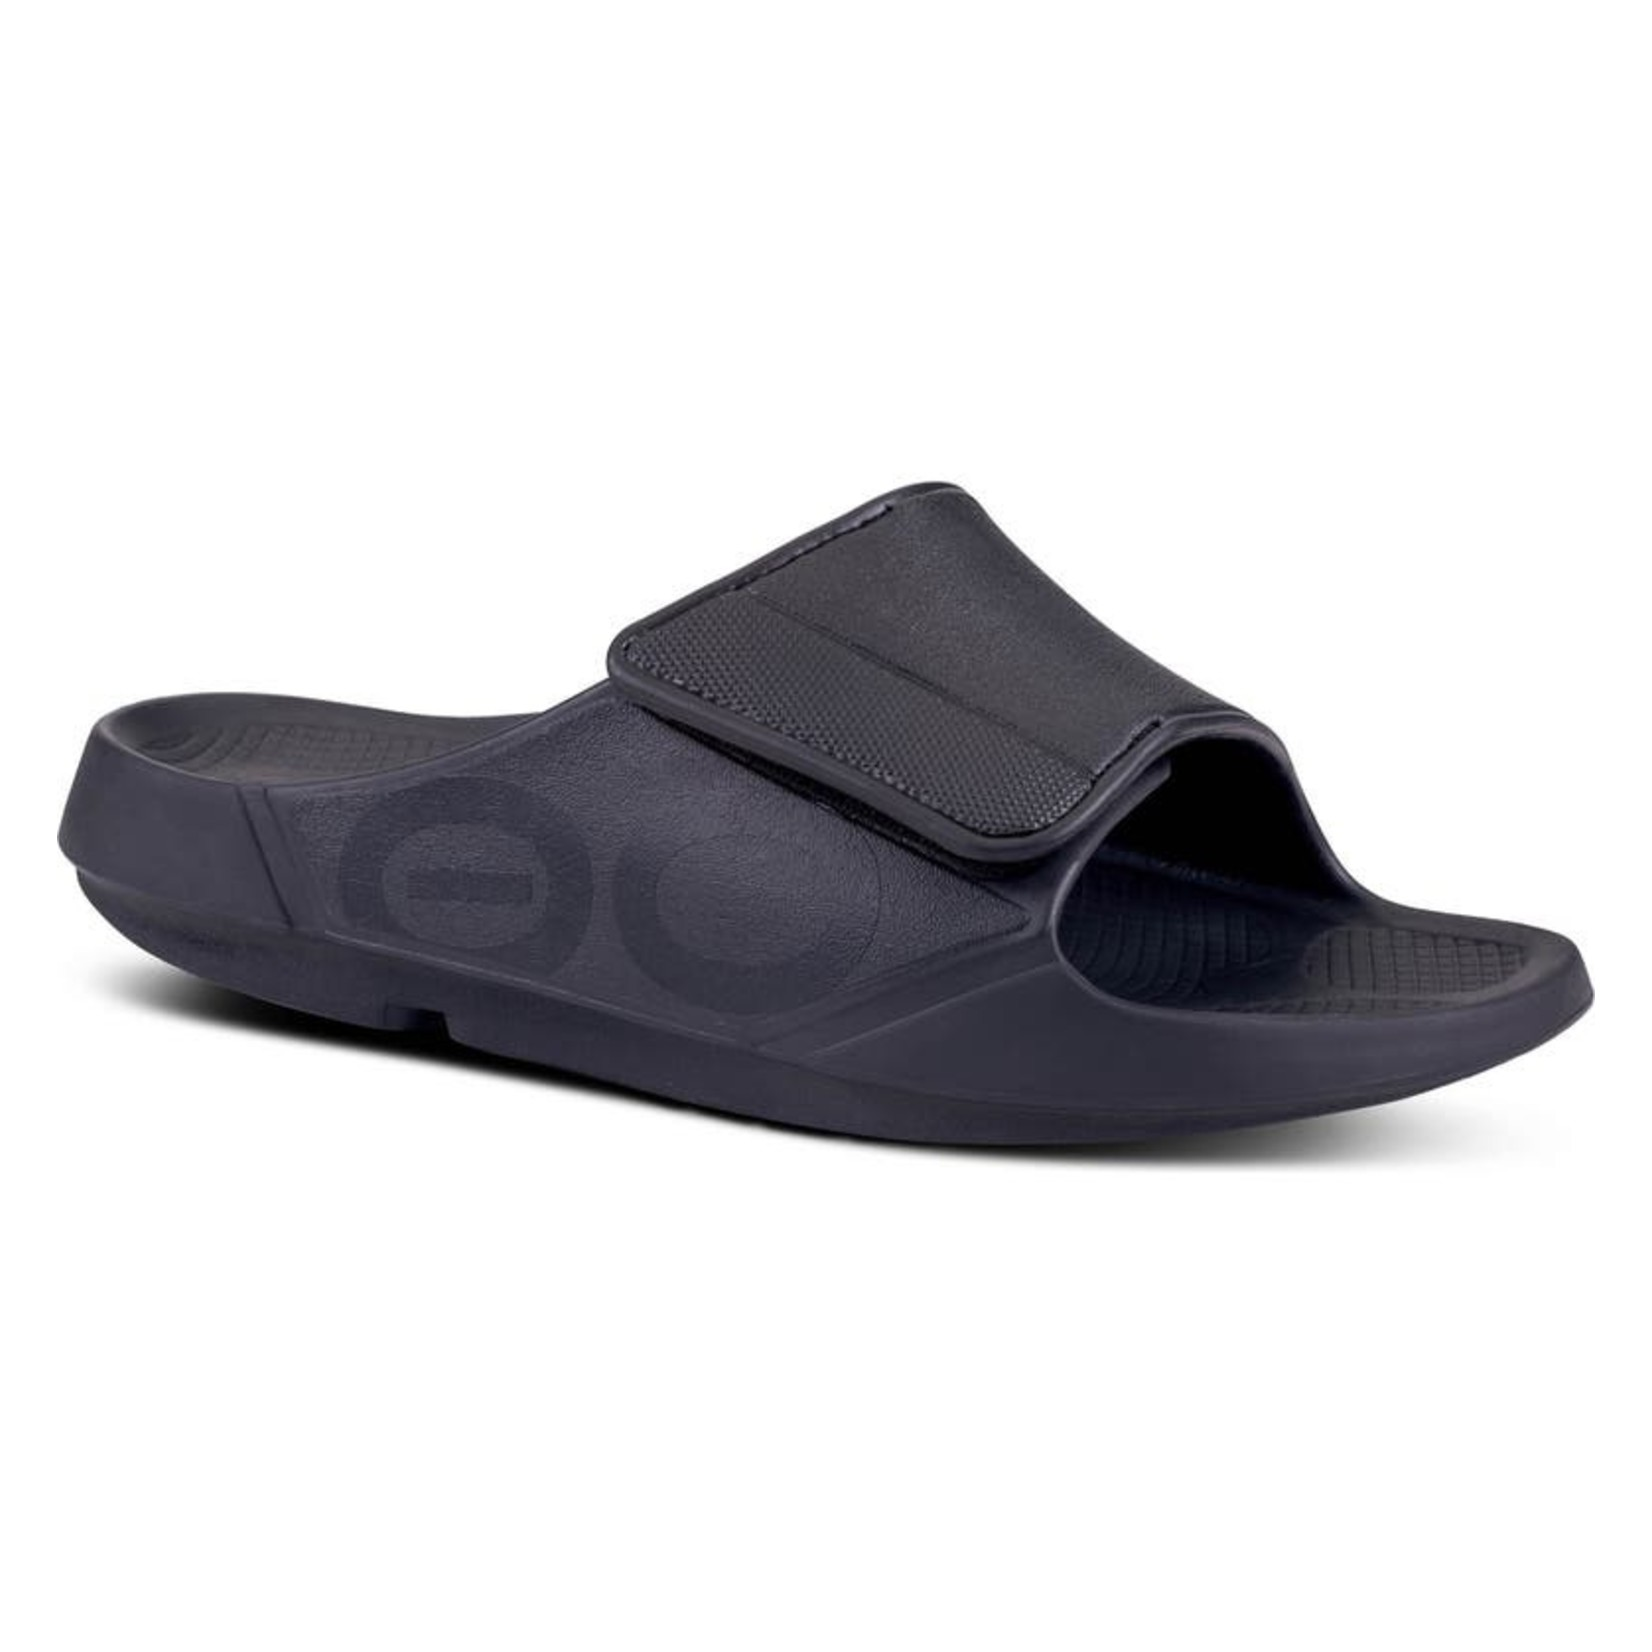 Oofos Oofos Sandals, OOahh Sport Flex Slide, Unisex